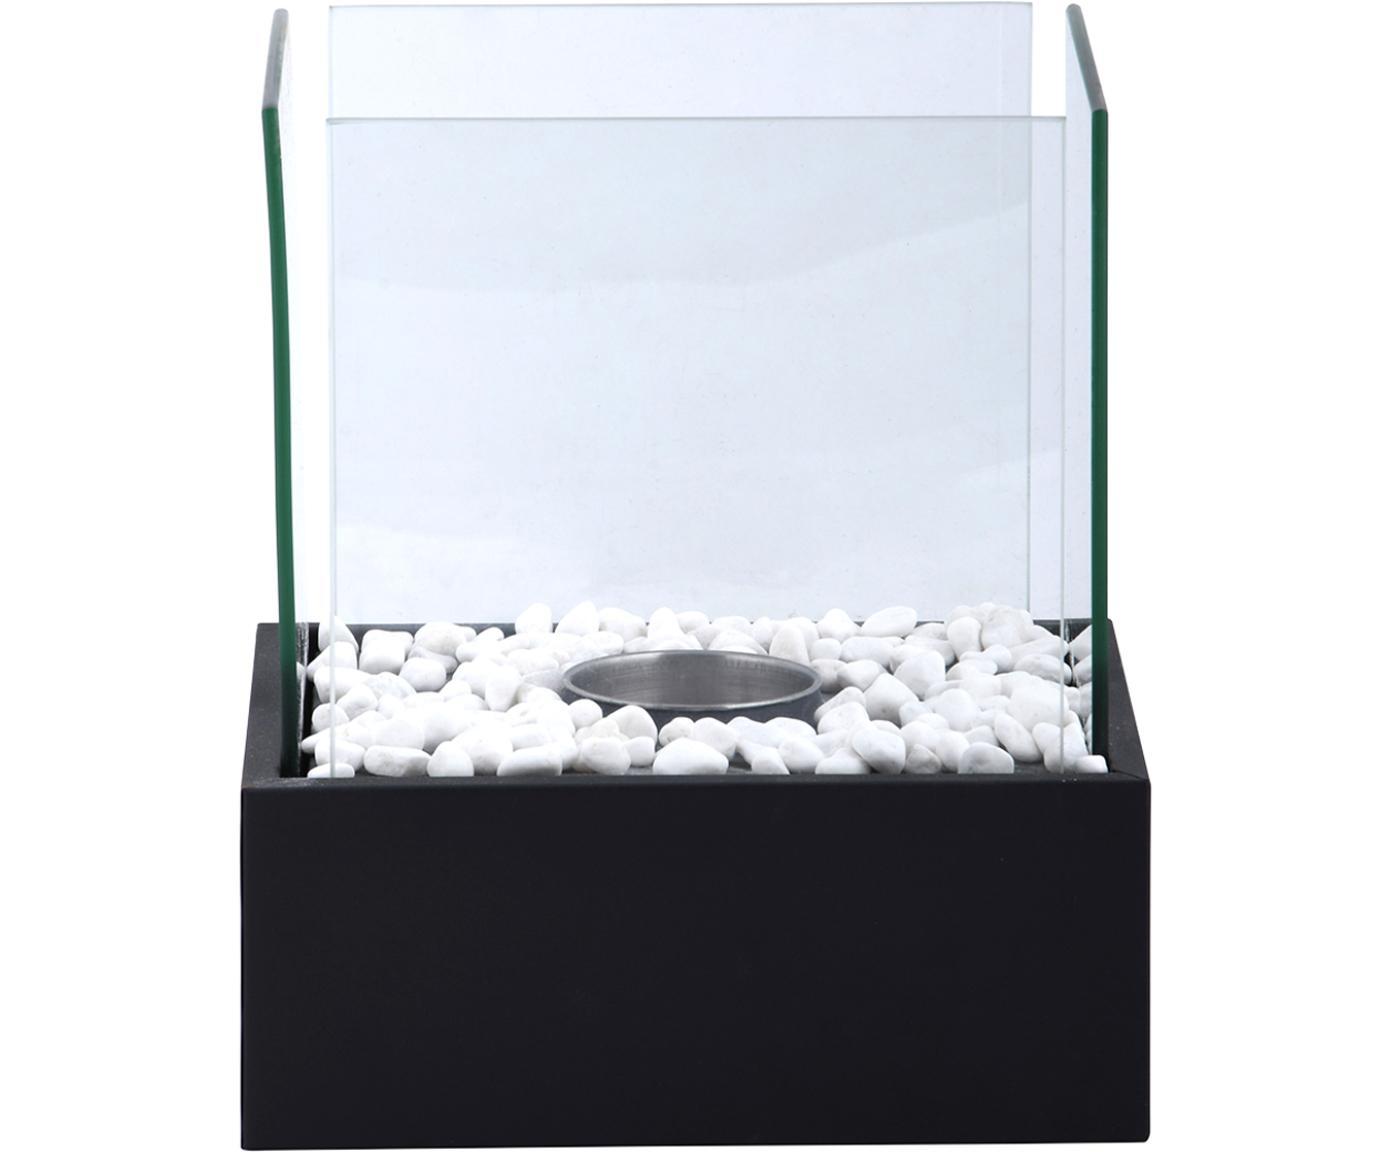 Bio kominek stołowy Damin, Czarny, transparentny, S 25 x W 28 cm